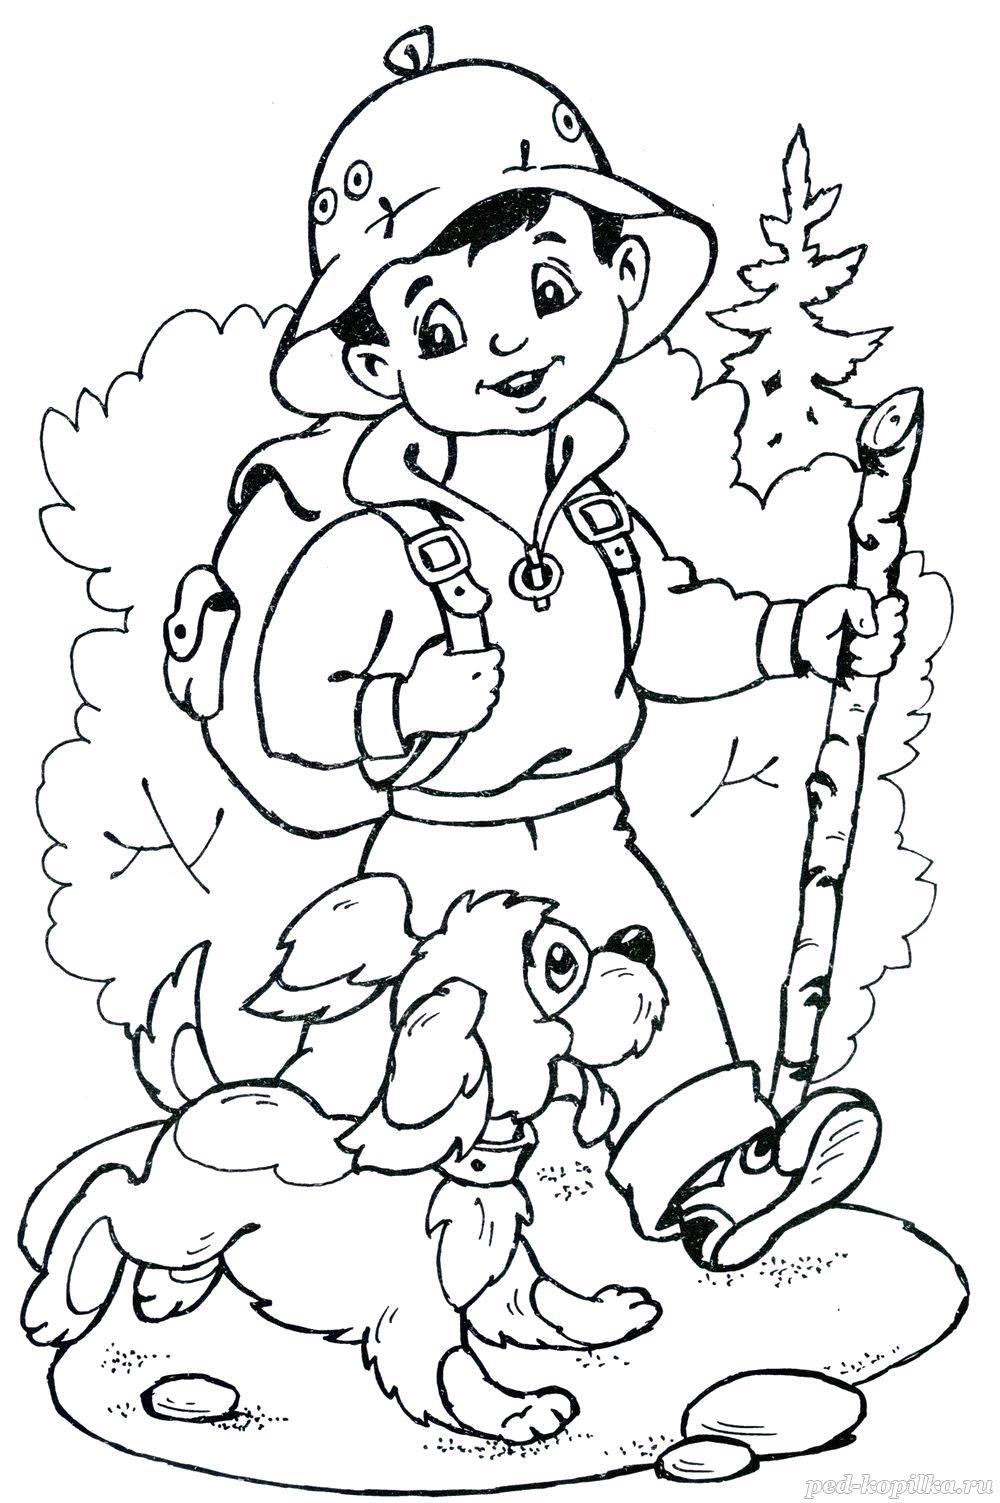 Раскраска  Лето для детей. Мальчик с собакой идет в поход. Скачать Лето.  Распечатать Лето